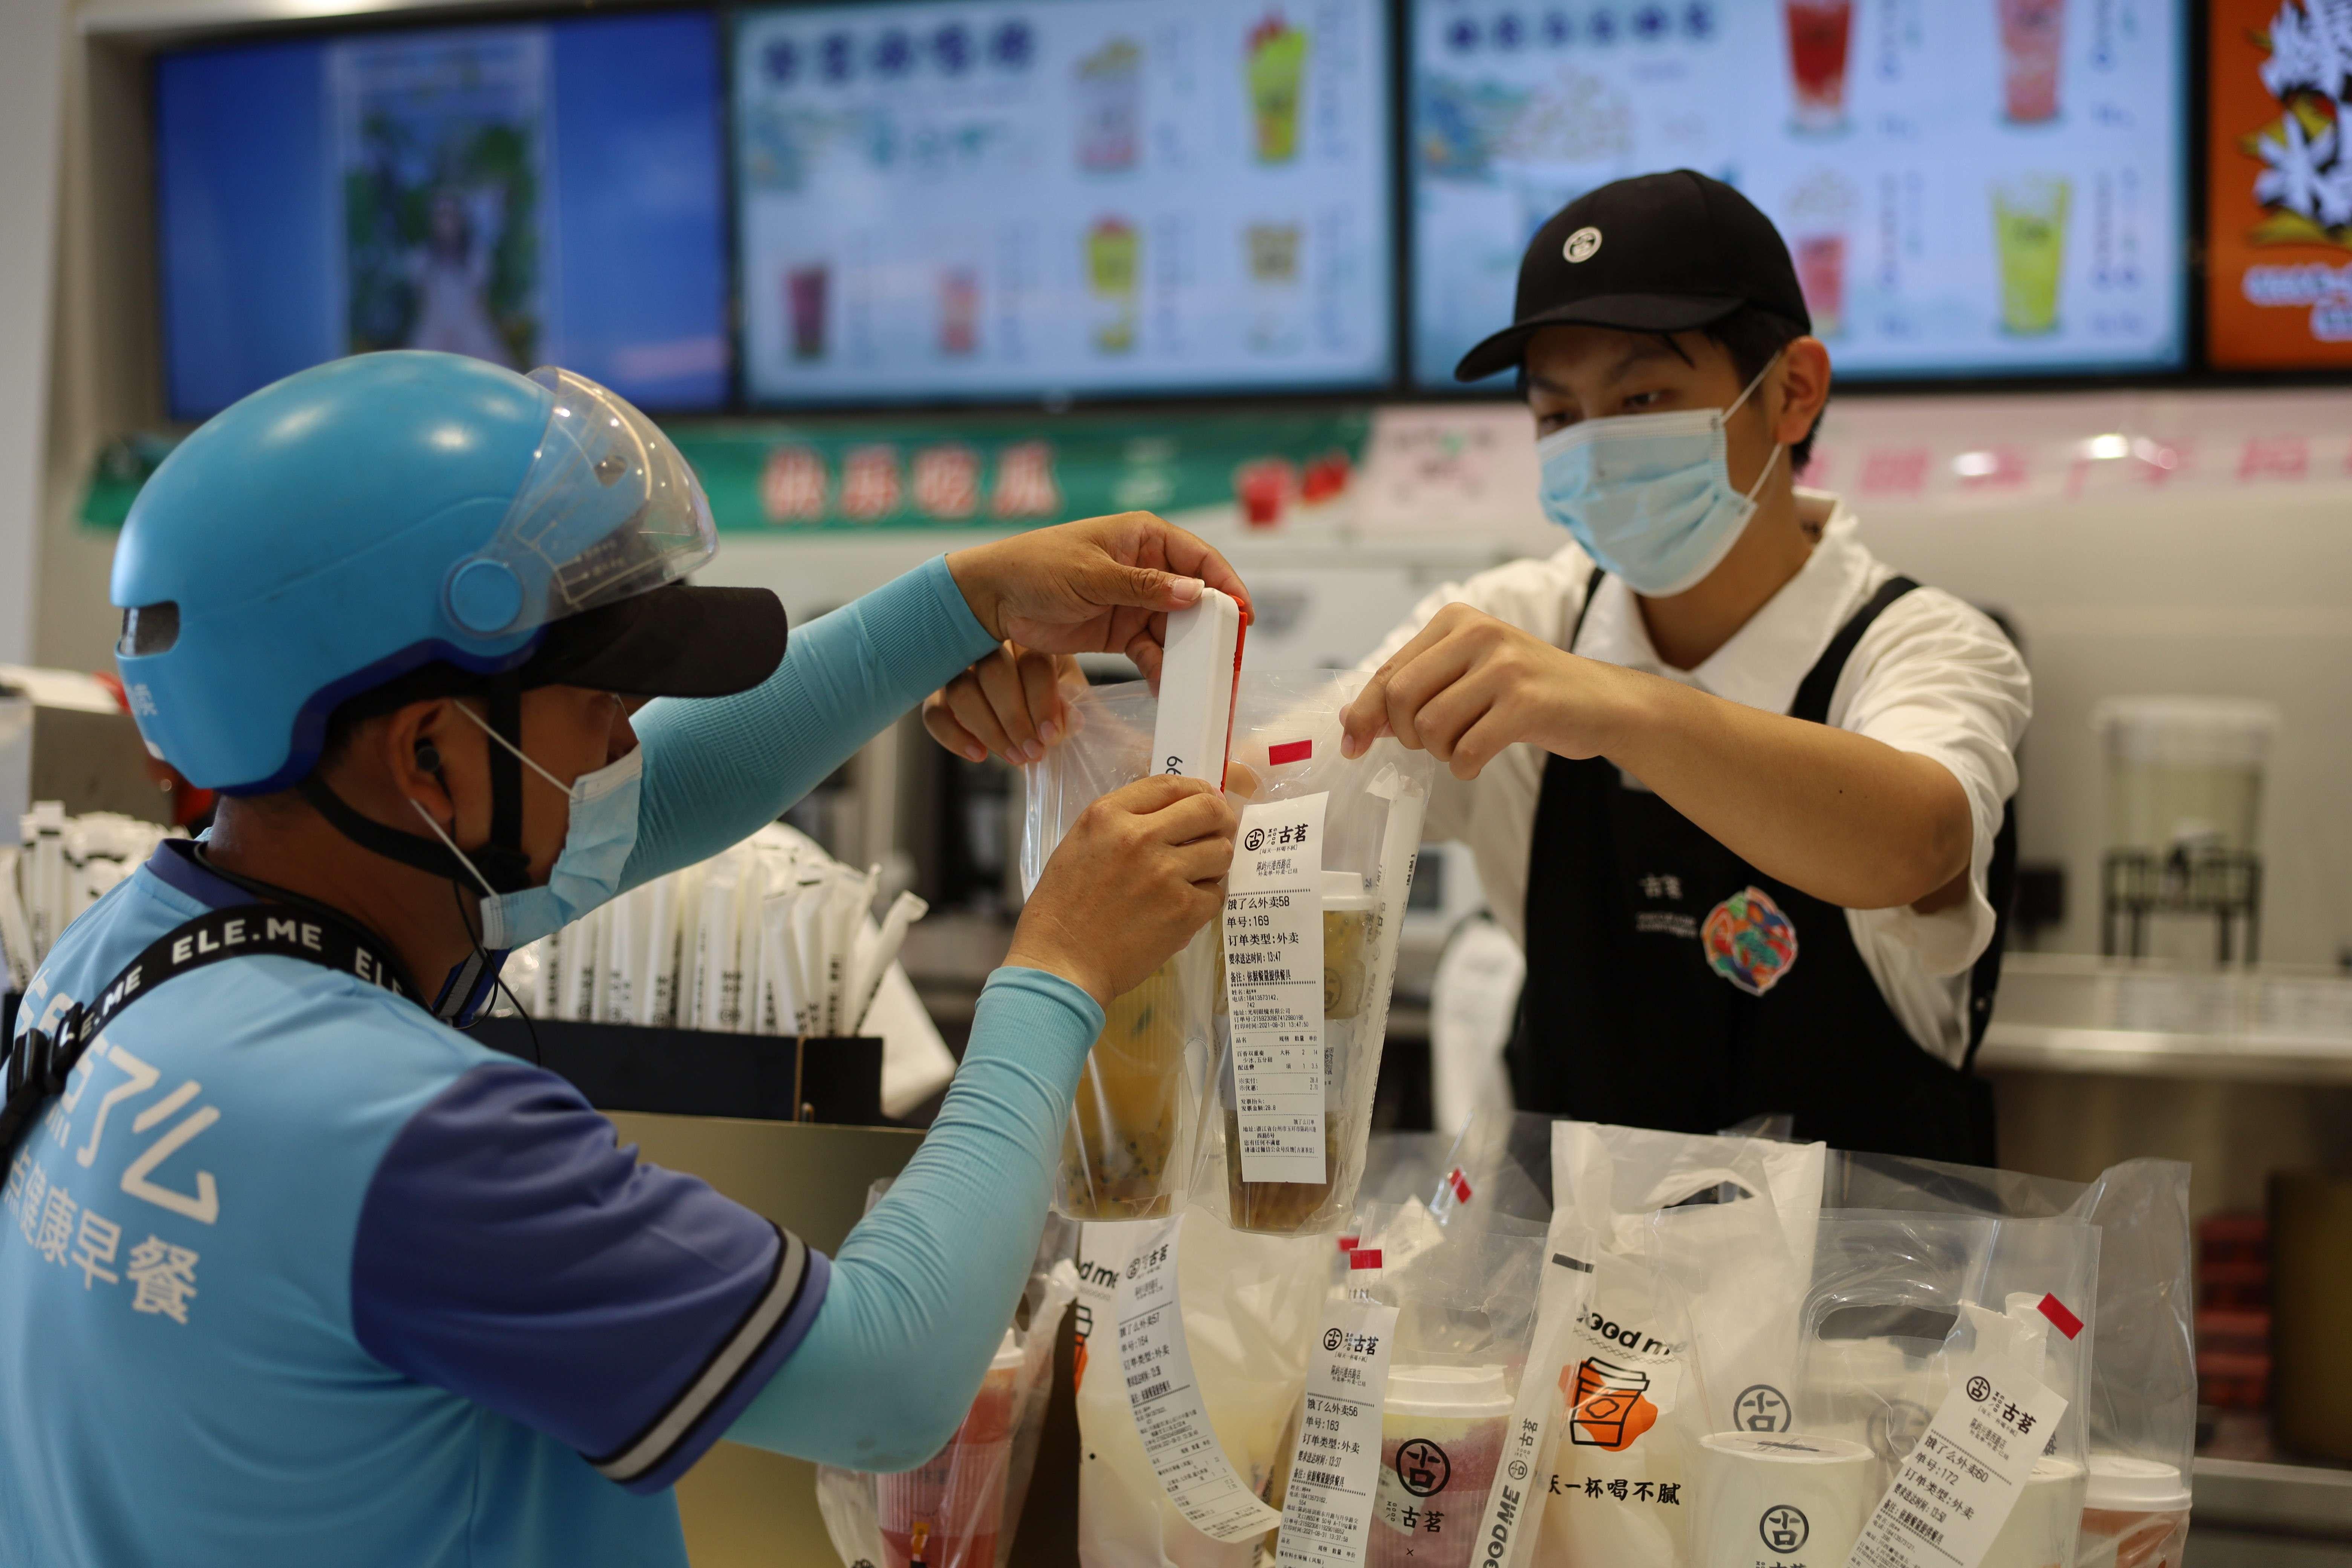 浙江玉环:启用电子封签 确保外卖无二次污染